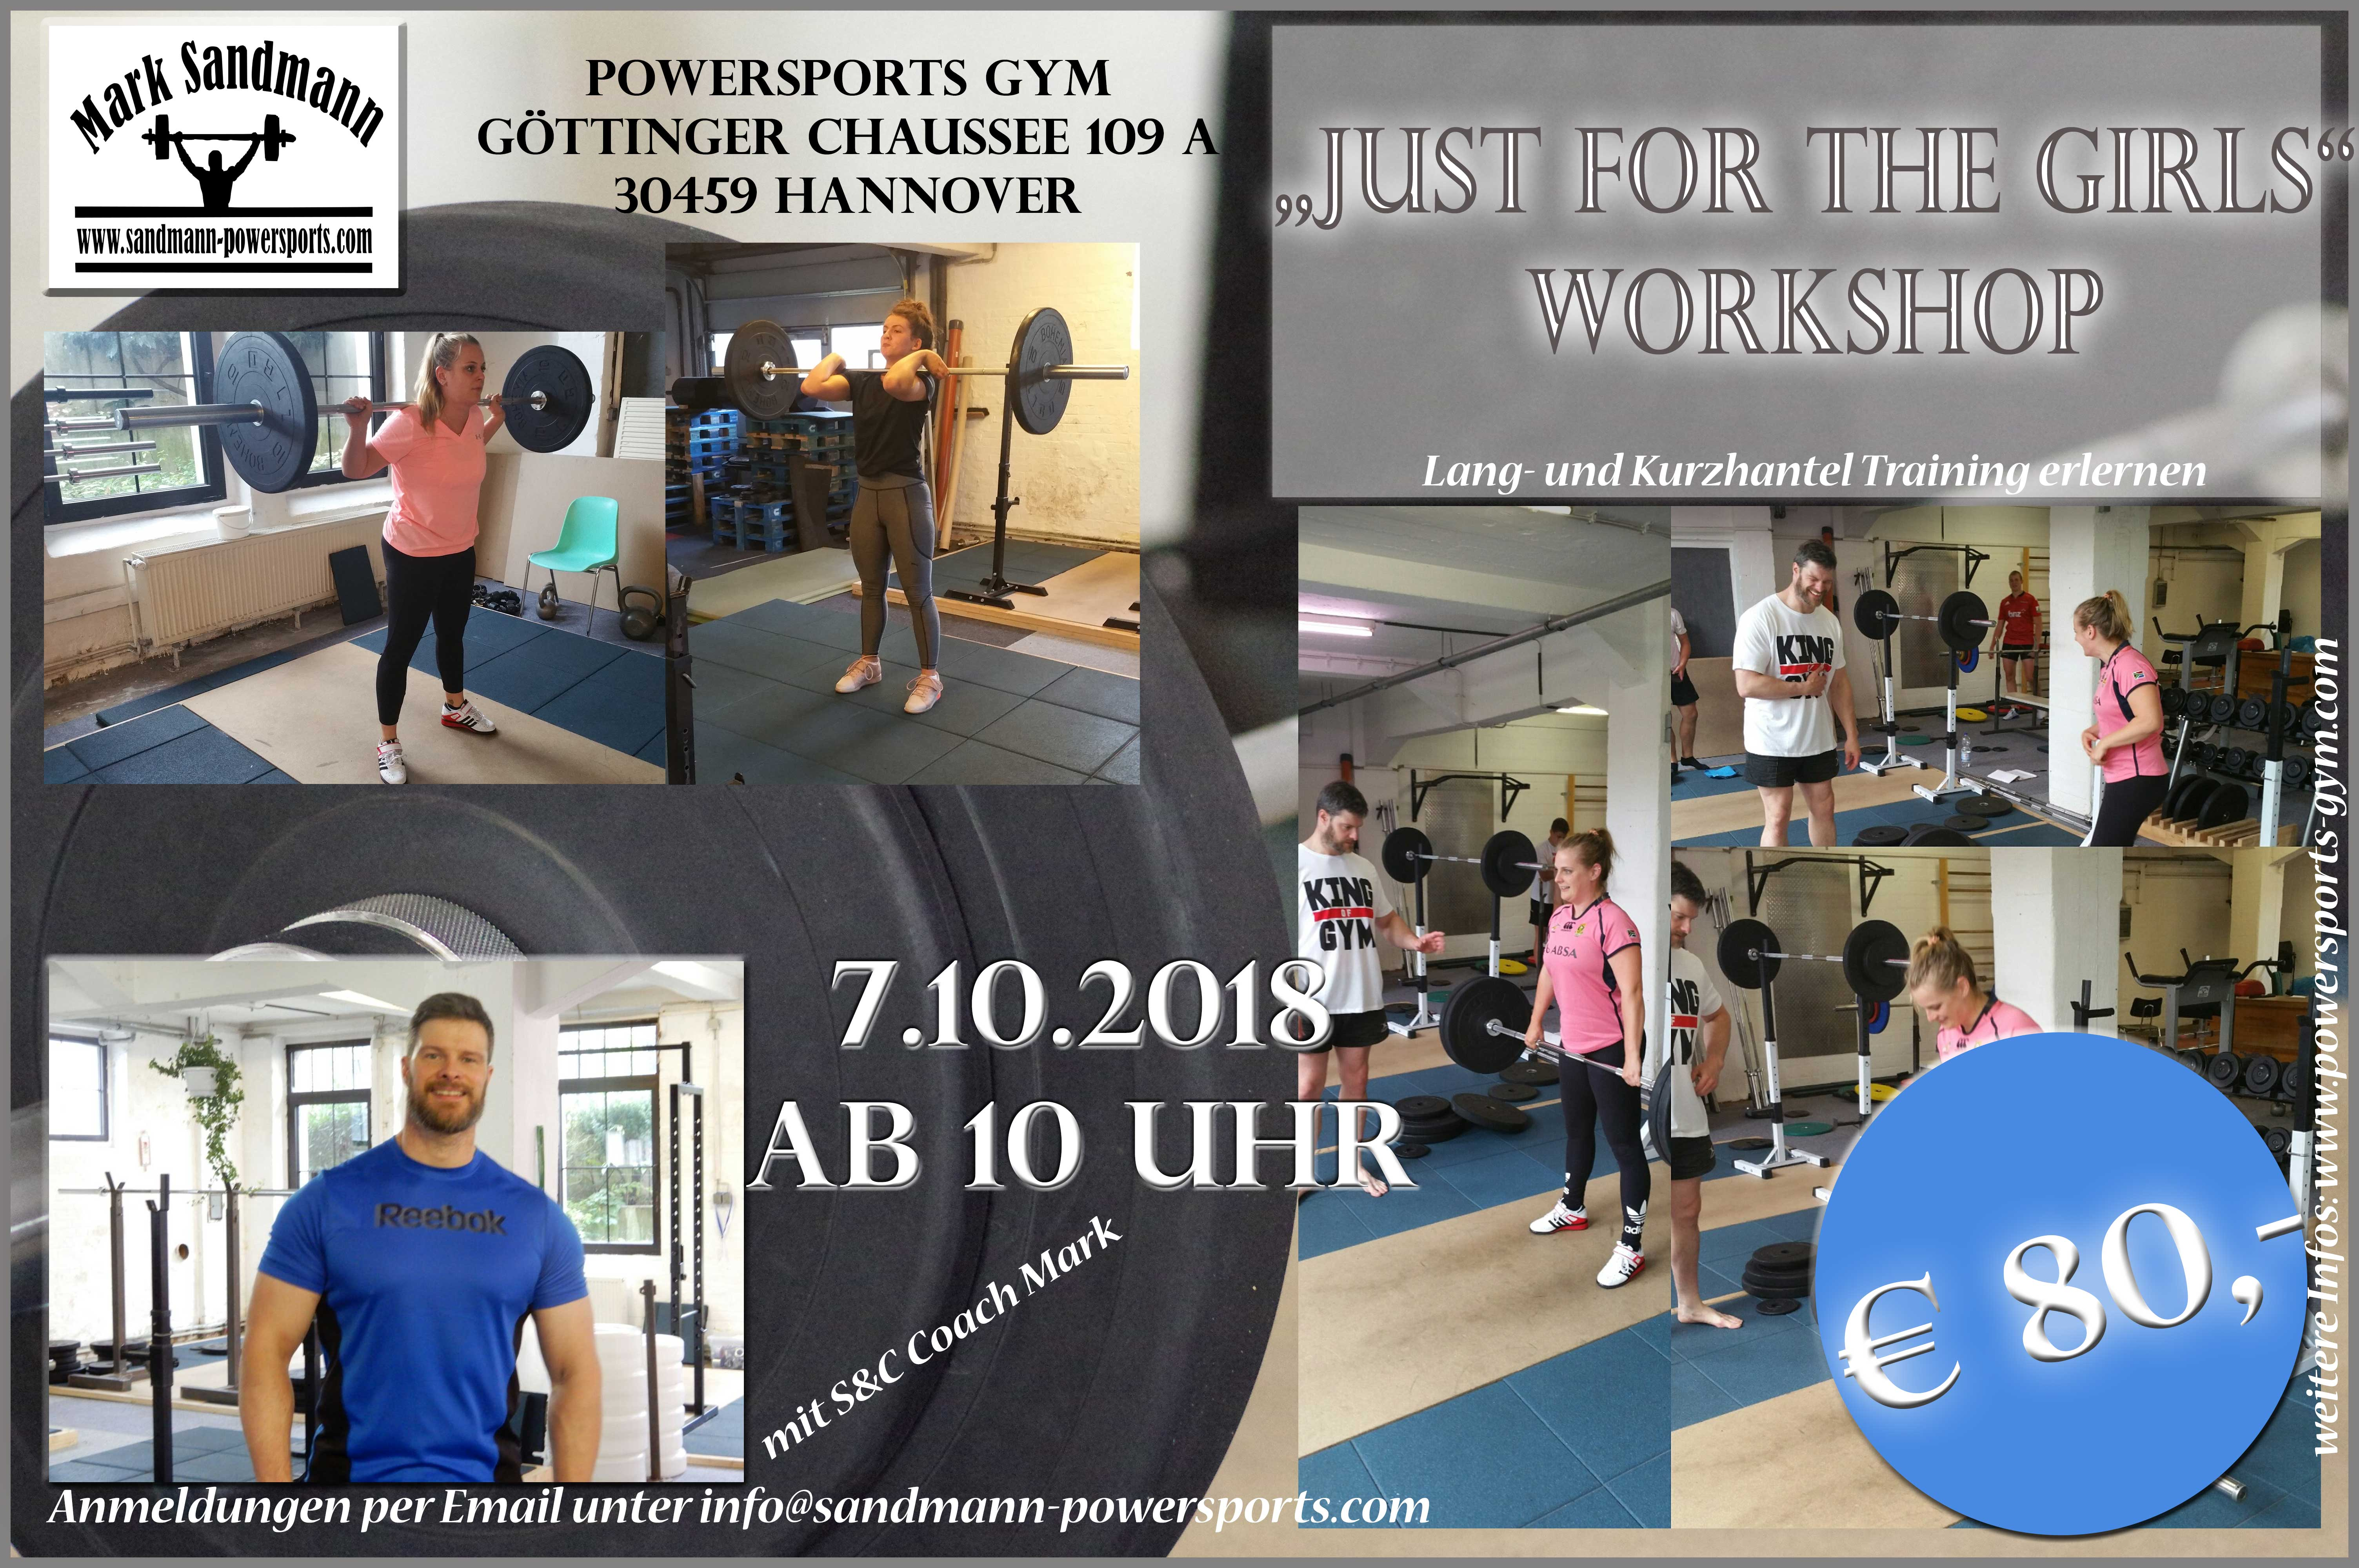 Workshop-Just-for-the-girls-Oktober-2018